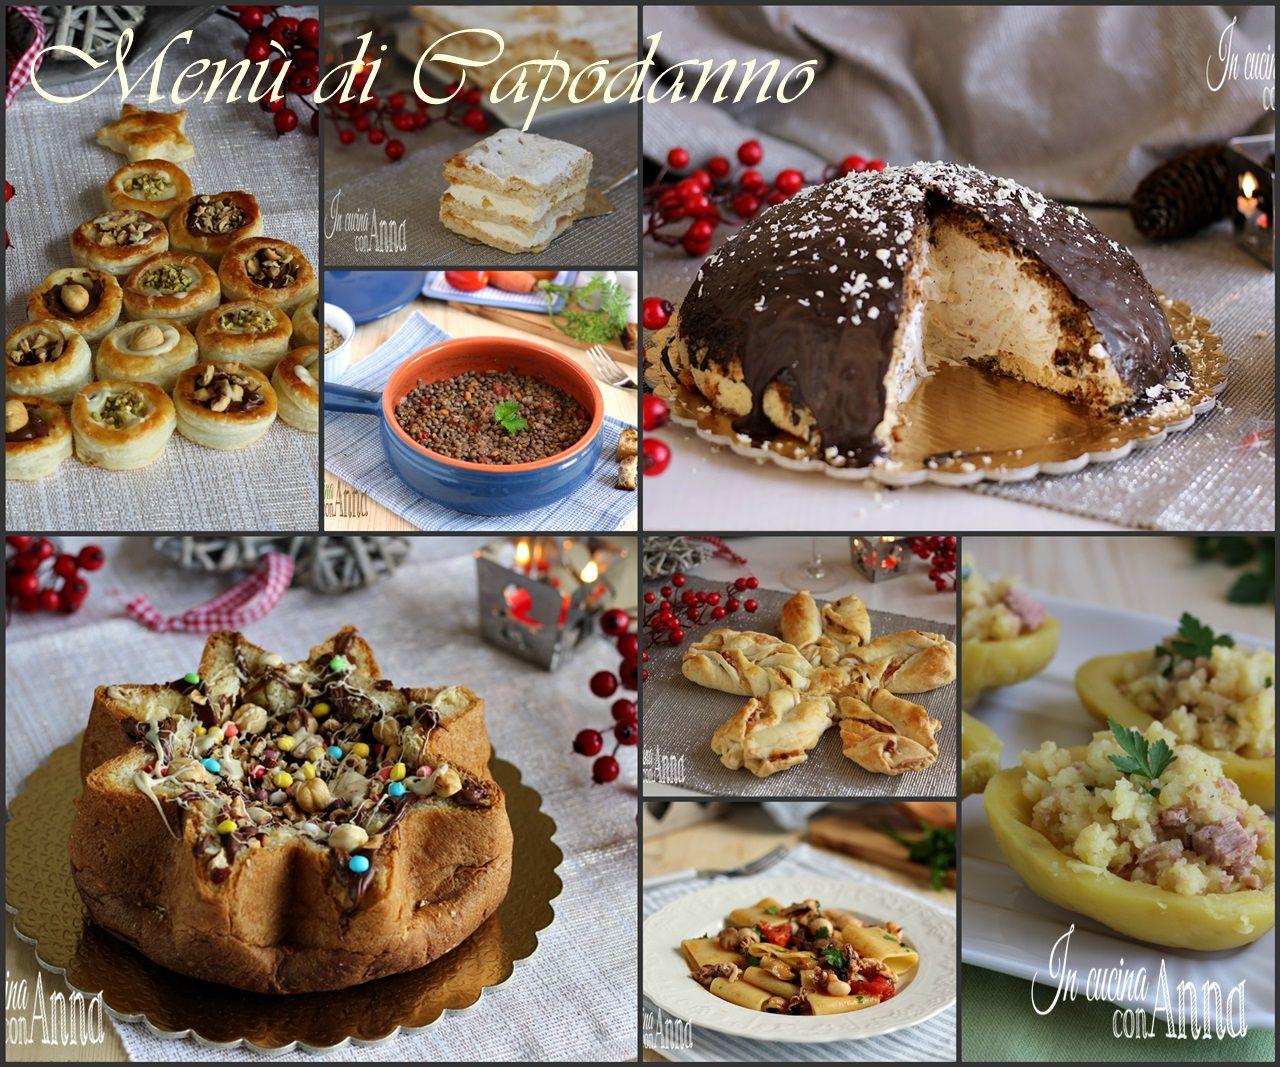 MENU' DI CAPODANNO ( Dal Veglione al pranzo,le ricette per ...